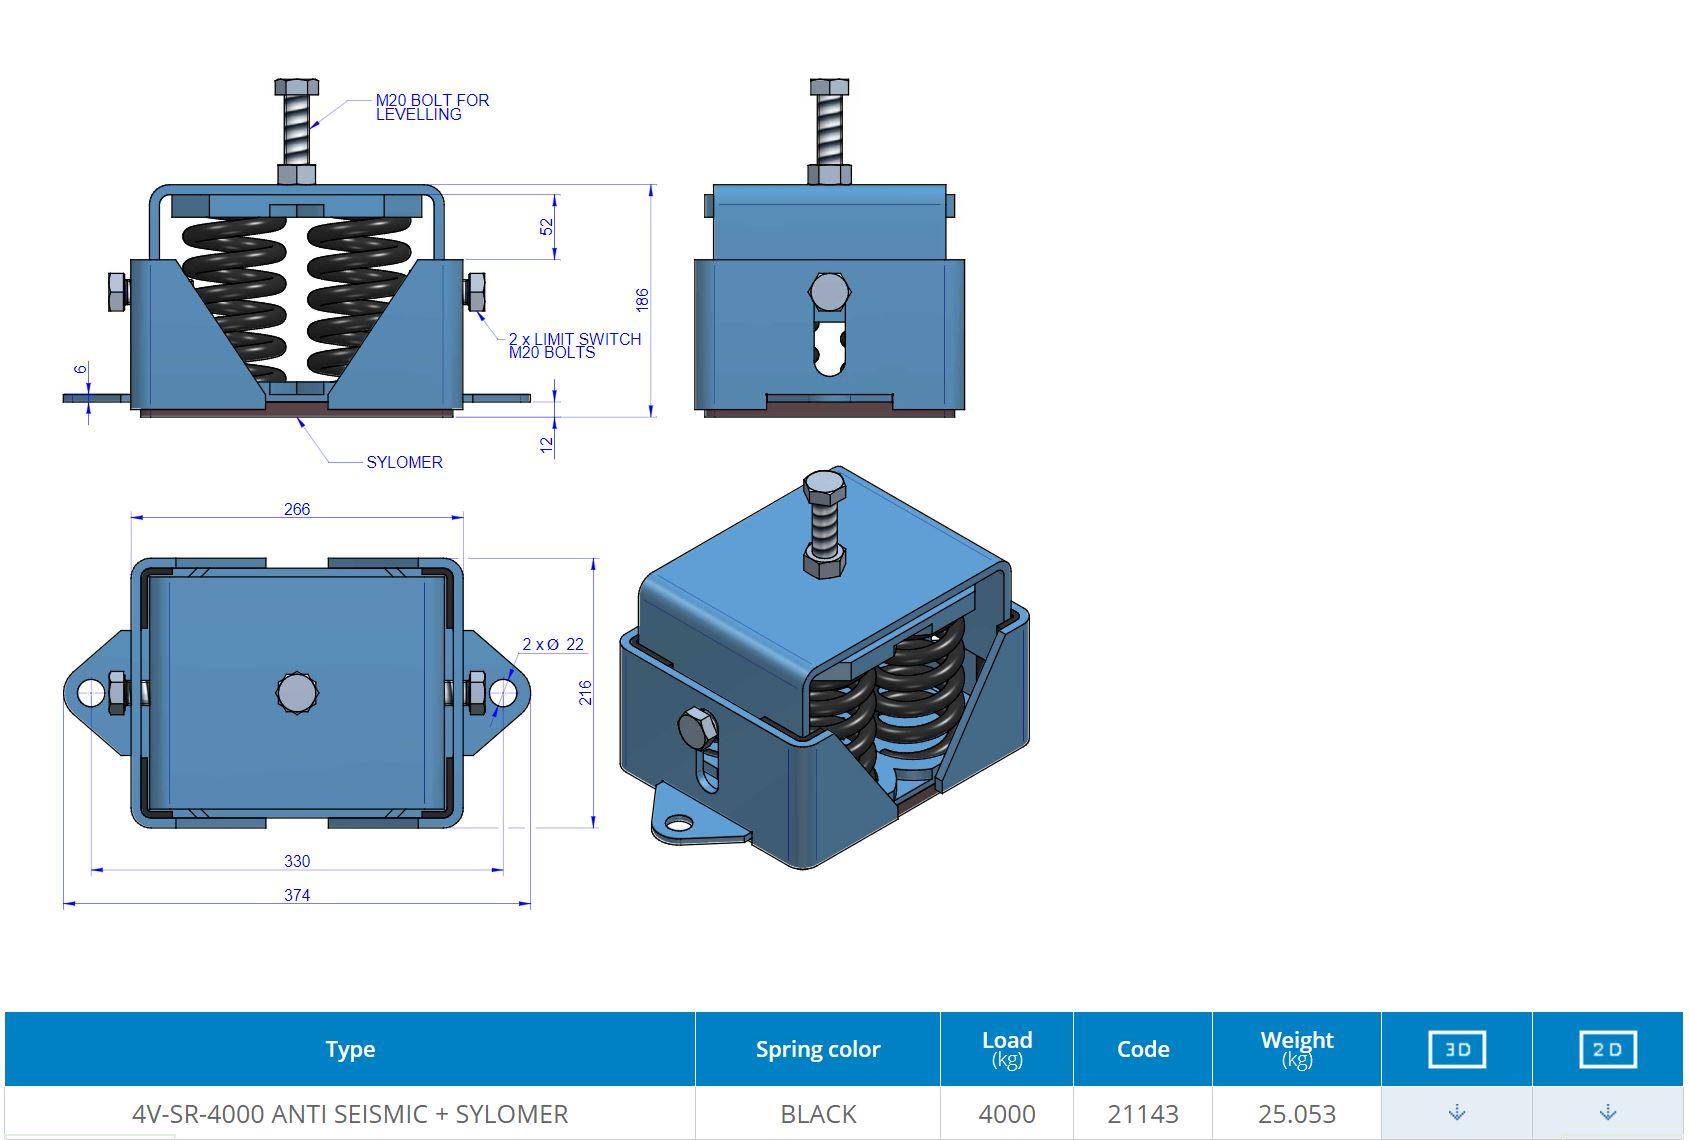 4V-SR-4000 ANTI SEISMIC + SYLOMER